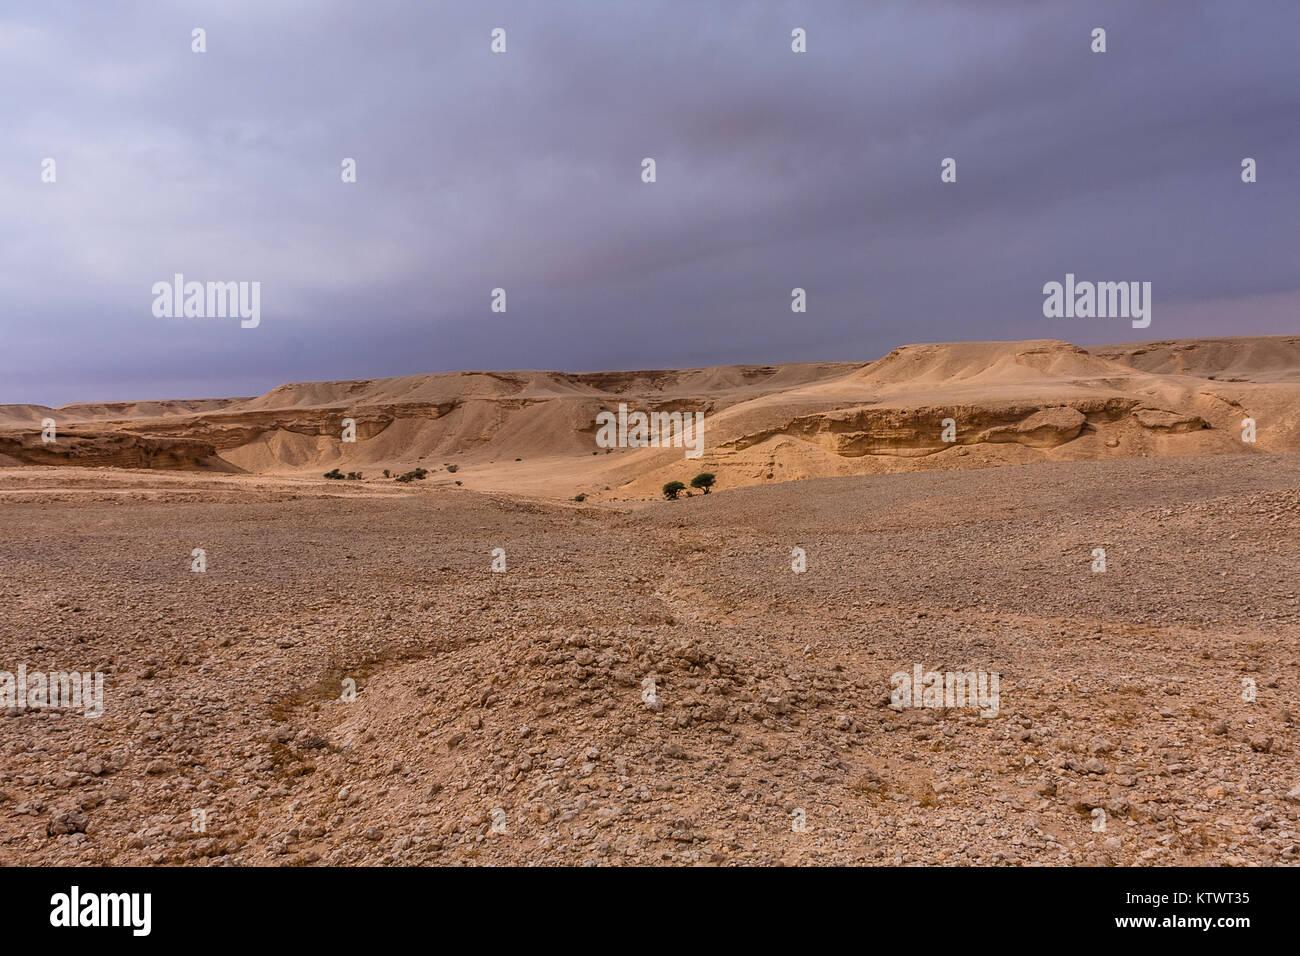 Un paysage désertique à l'est de Riyad Photo Stock